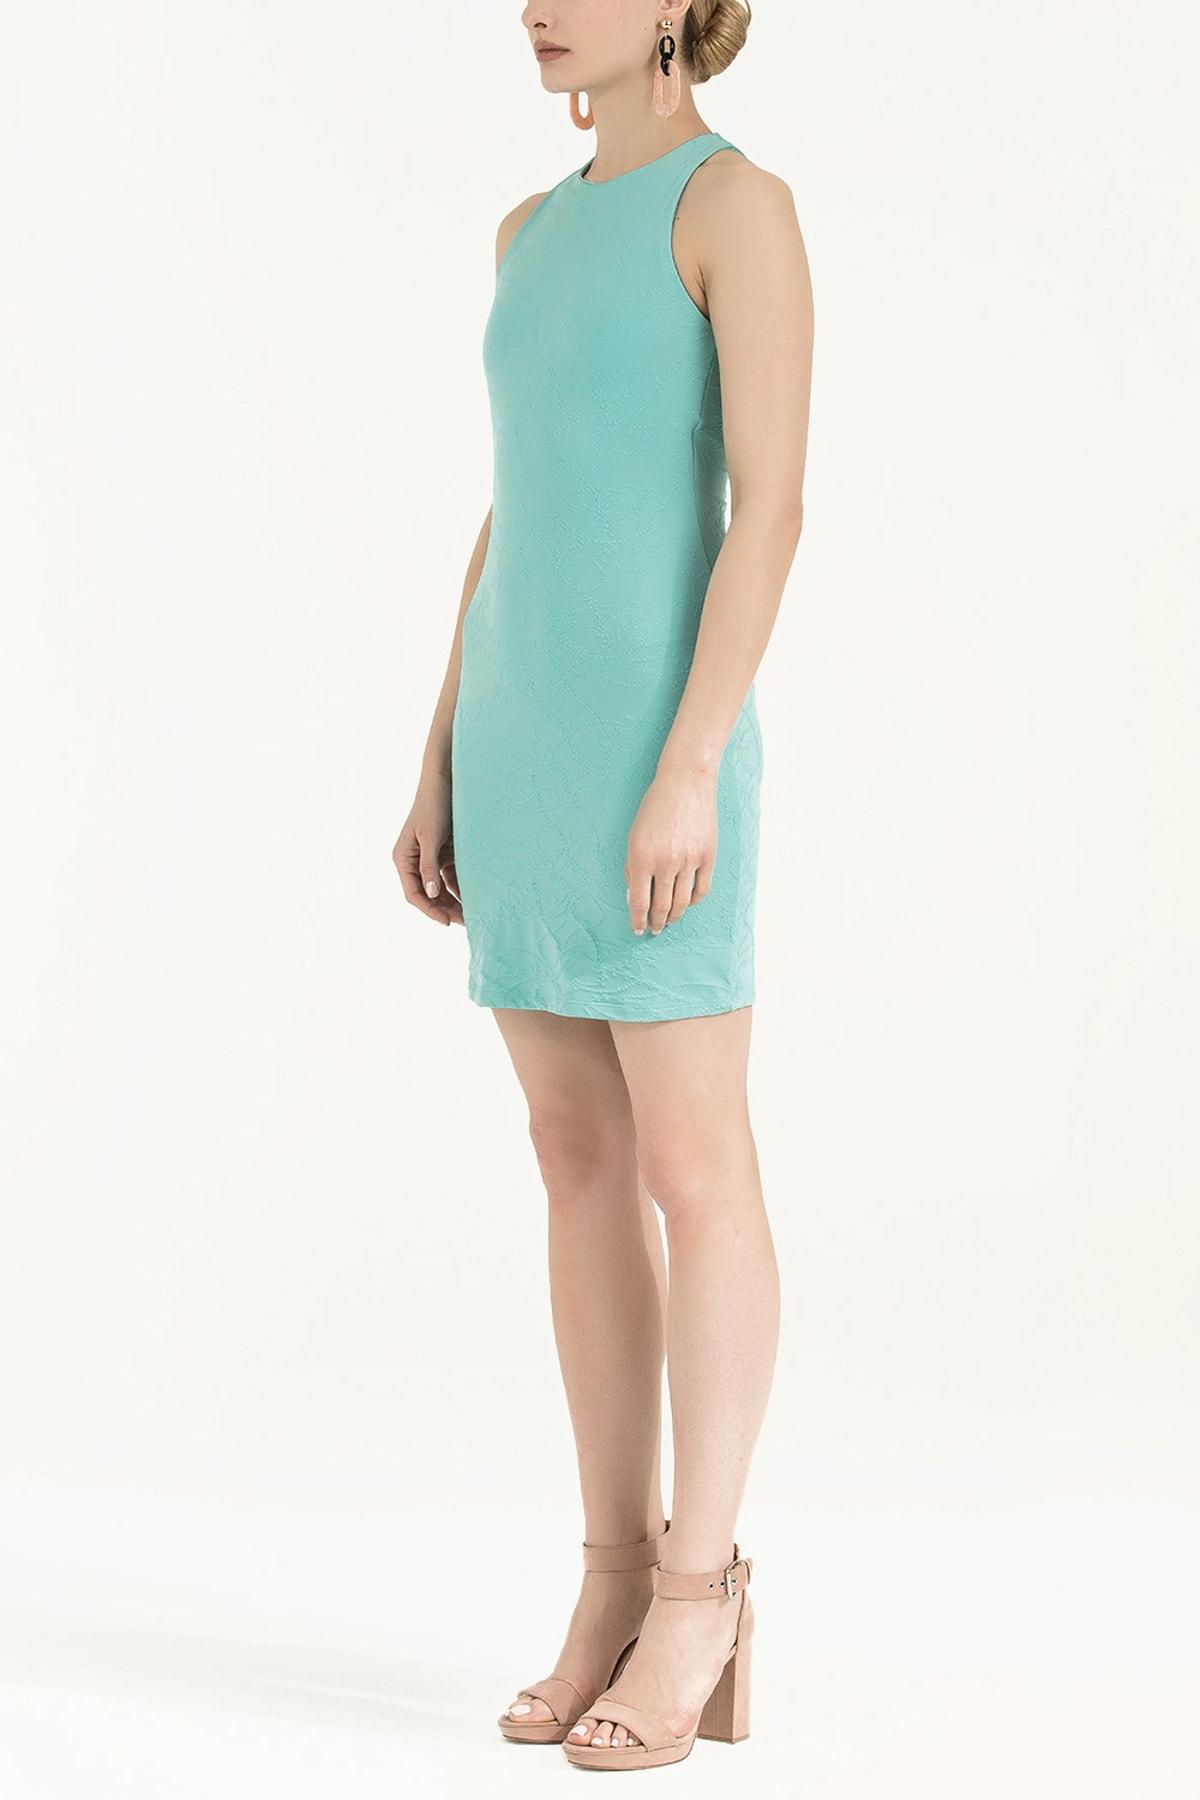 SOCIETA Kadın Örme Mini Elbise Yeşil 91860 2